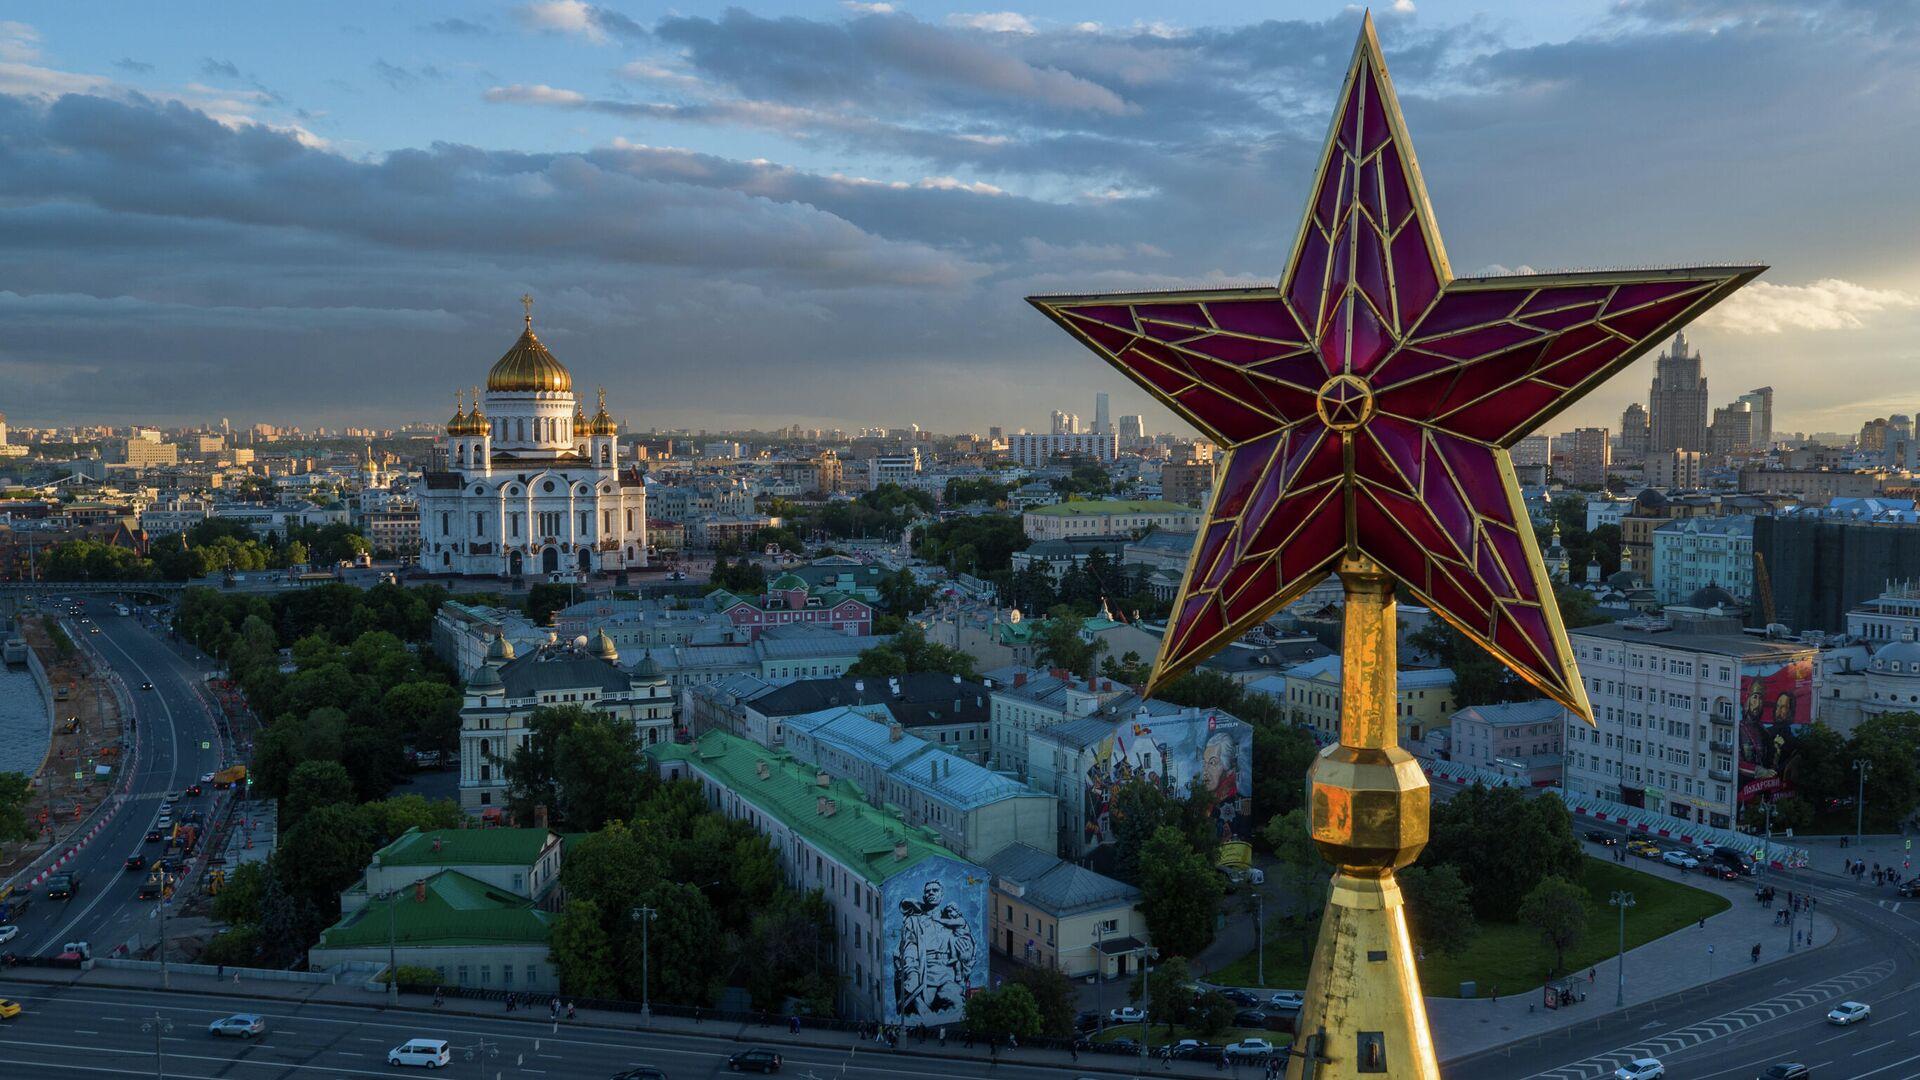 Звезда на шпиле Спасской башни Московского Кремля - РИА Новости, 1920, 12.11.2020